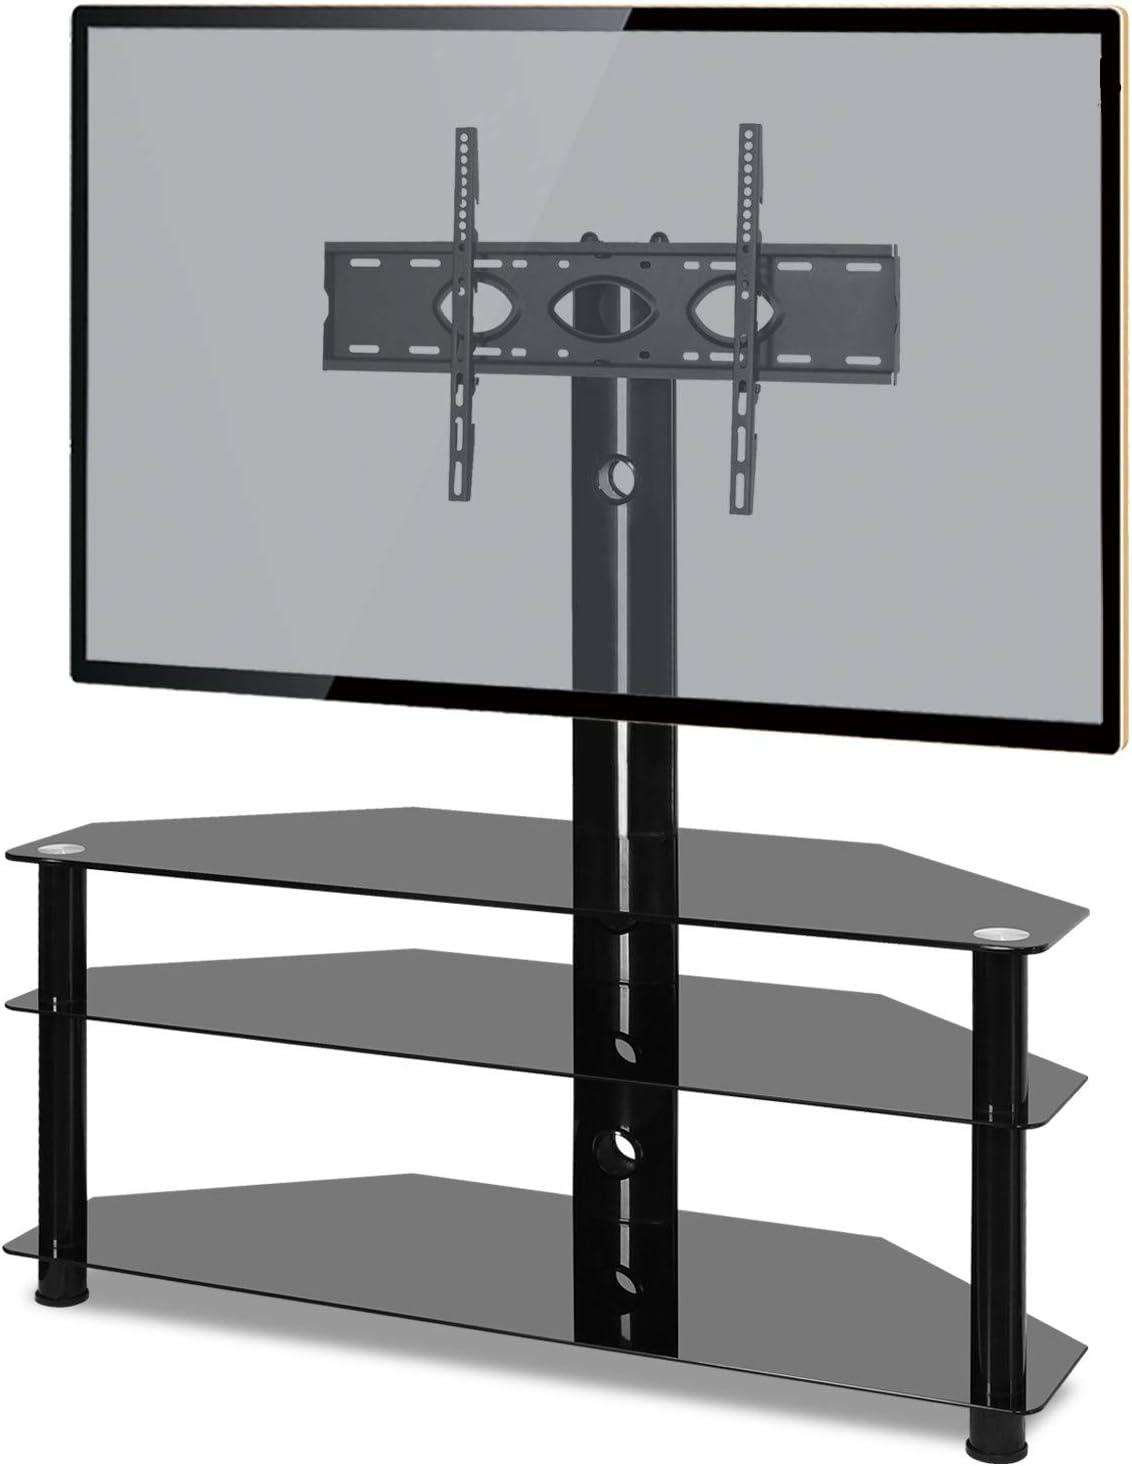 RFIVER Soporte TV de Suelo para Television de 32 a 65 Pulgadas con 3 Estante TW1002